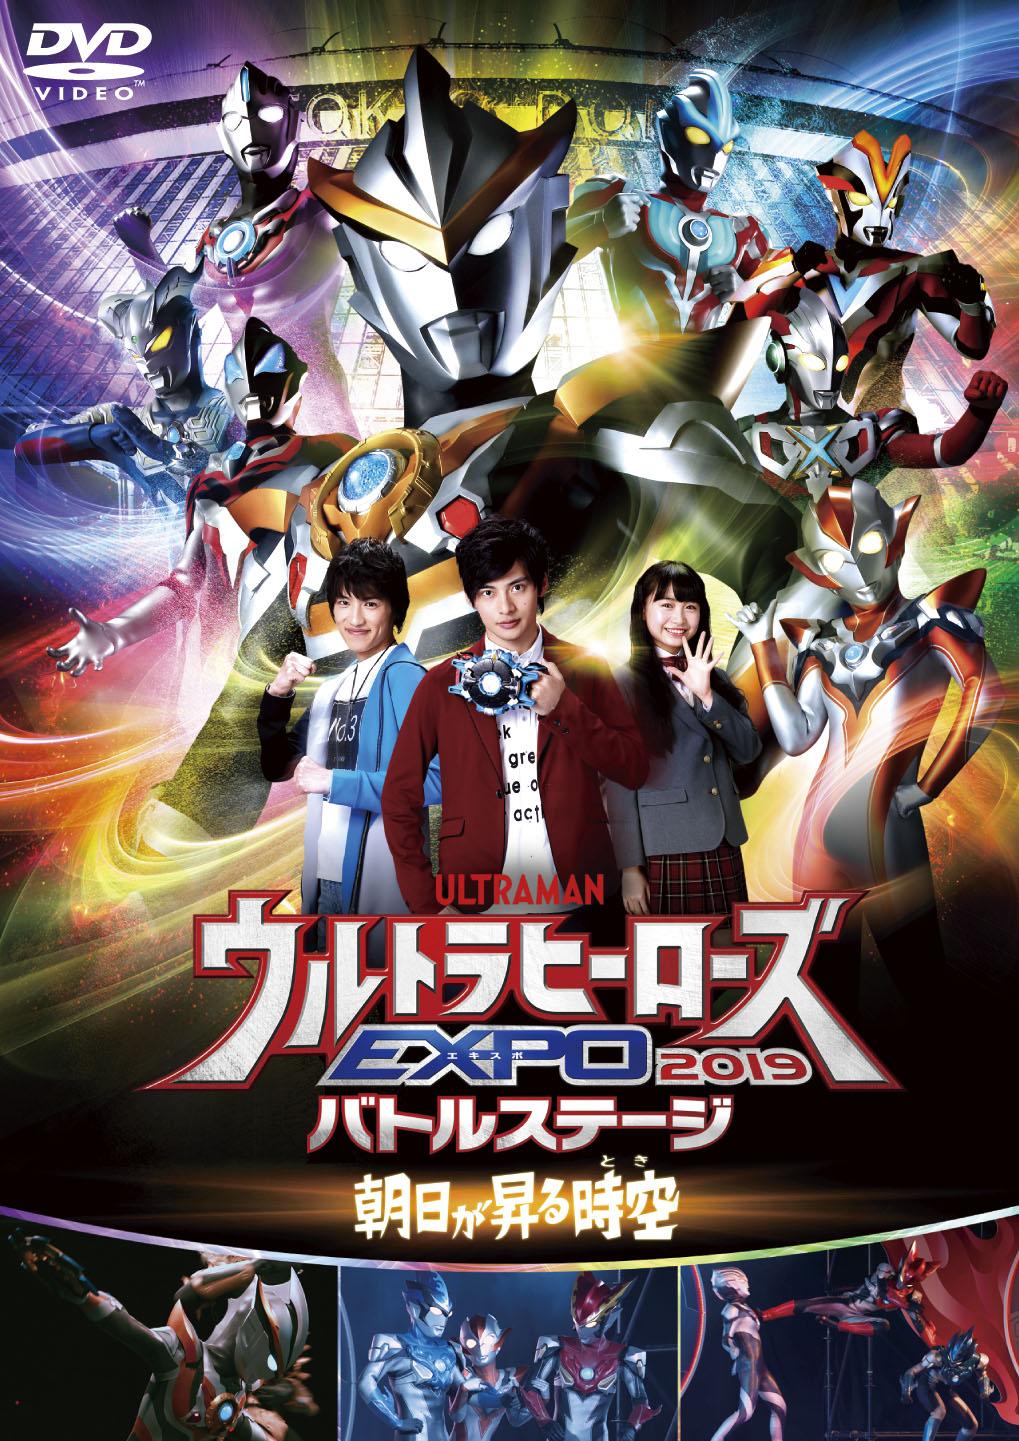 「ウルトラヒーローズEXPO 2019」バトルステージDVD 9/11(水)発売 ...